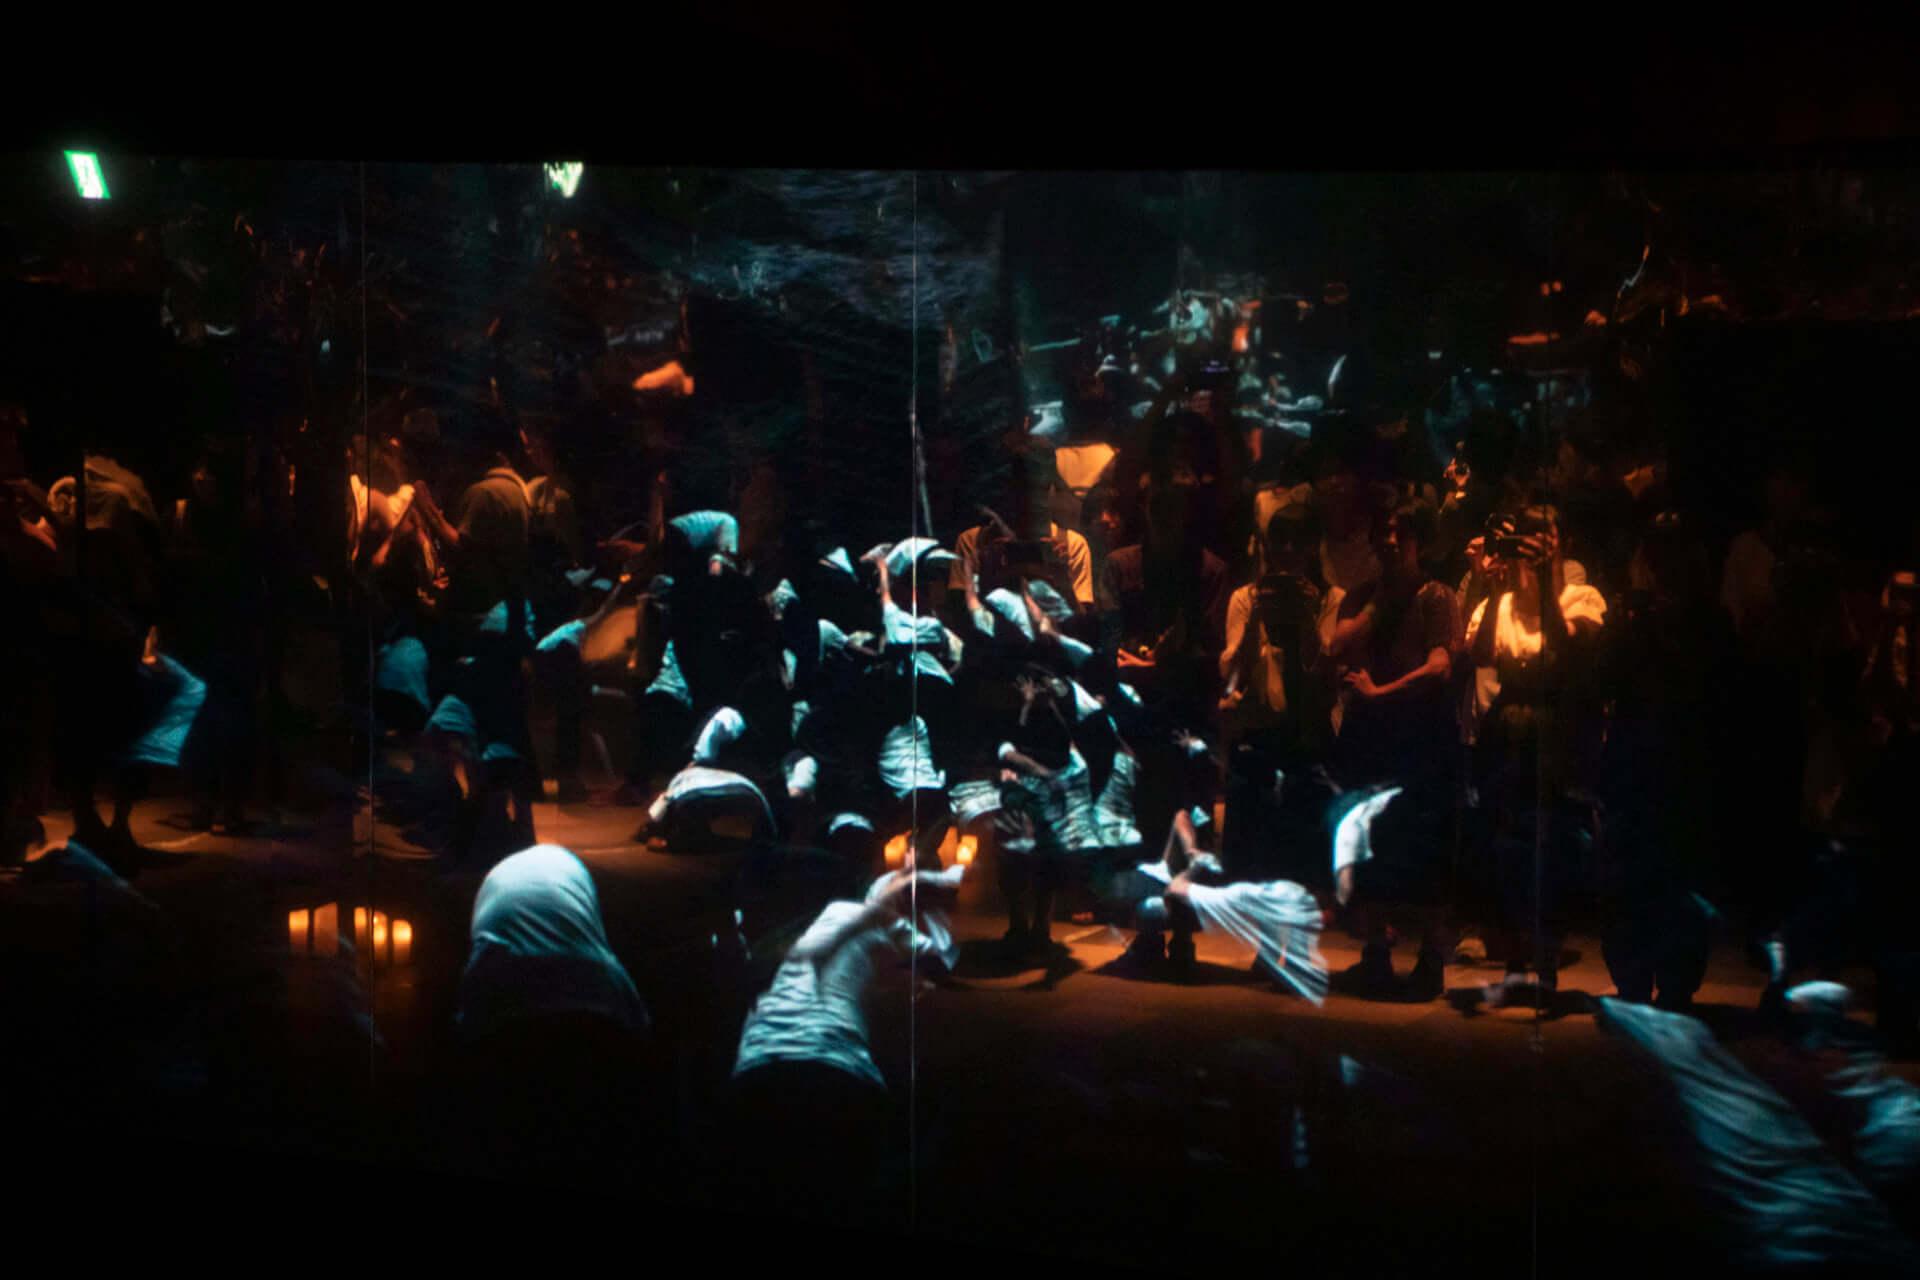 米津玄師「馬と鹿」MV、ついに解禁|<鏡の上映会>で観客とひとつに music190903_yonezukenshi_mv_4-1920x1280